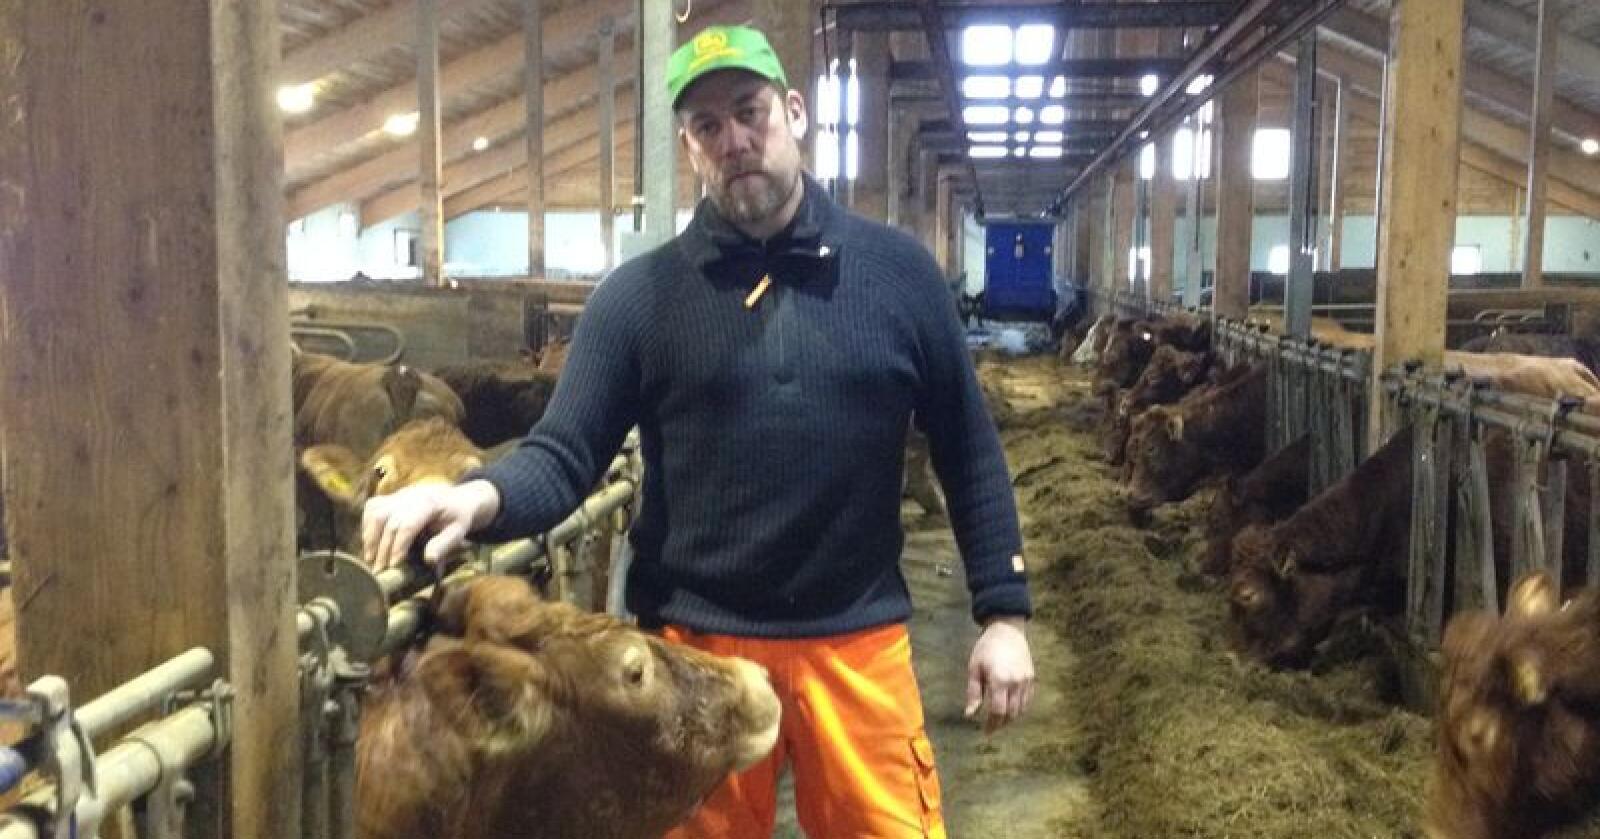 Konrad Kongshaug (41) driver med kjøttproduksjon i Averøy. Han har vært leder i Averøy Bondelag i fem år. Foto: Privat